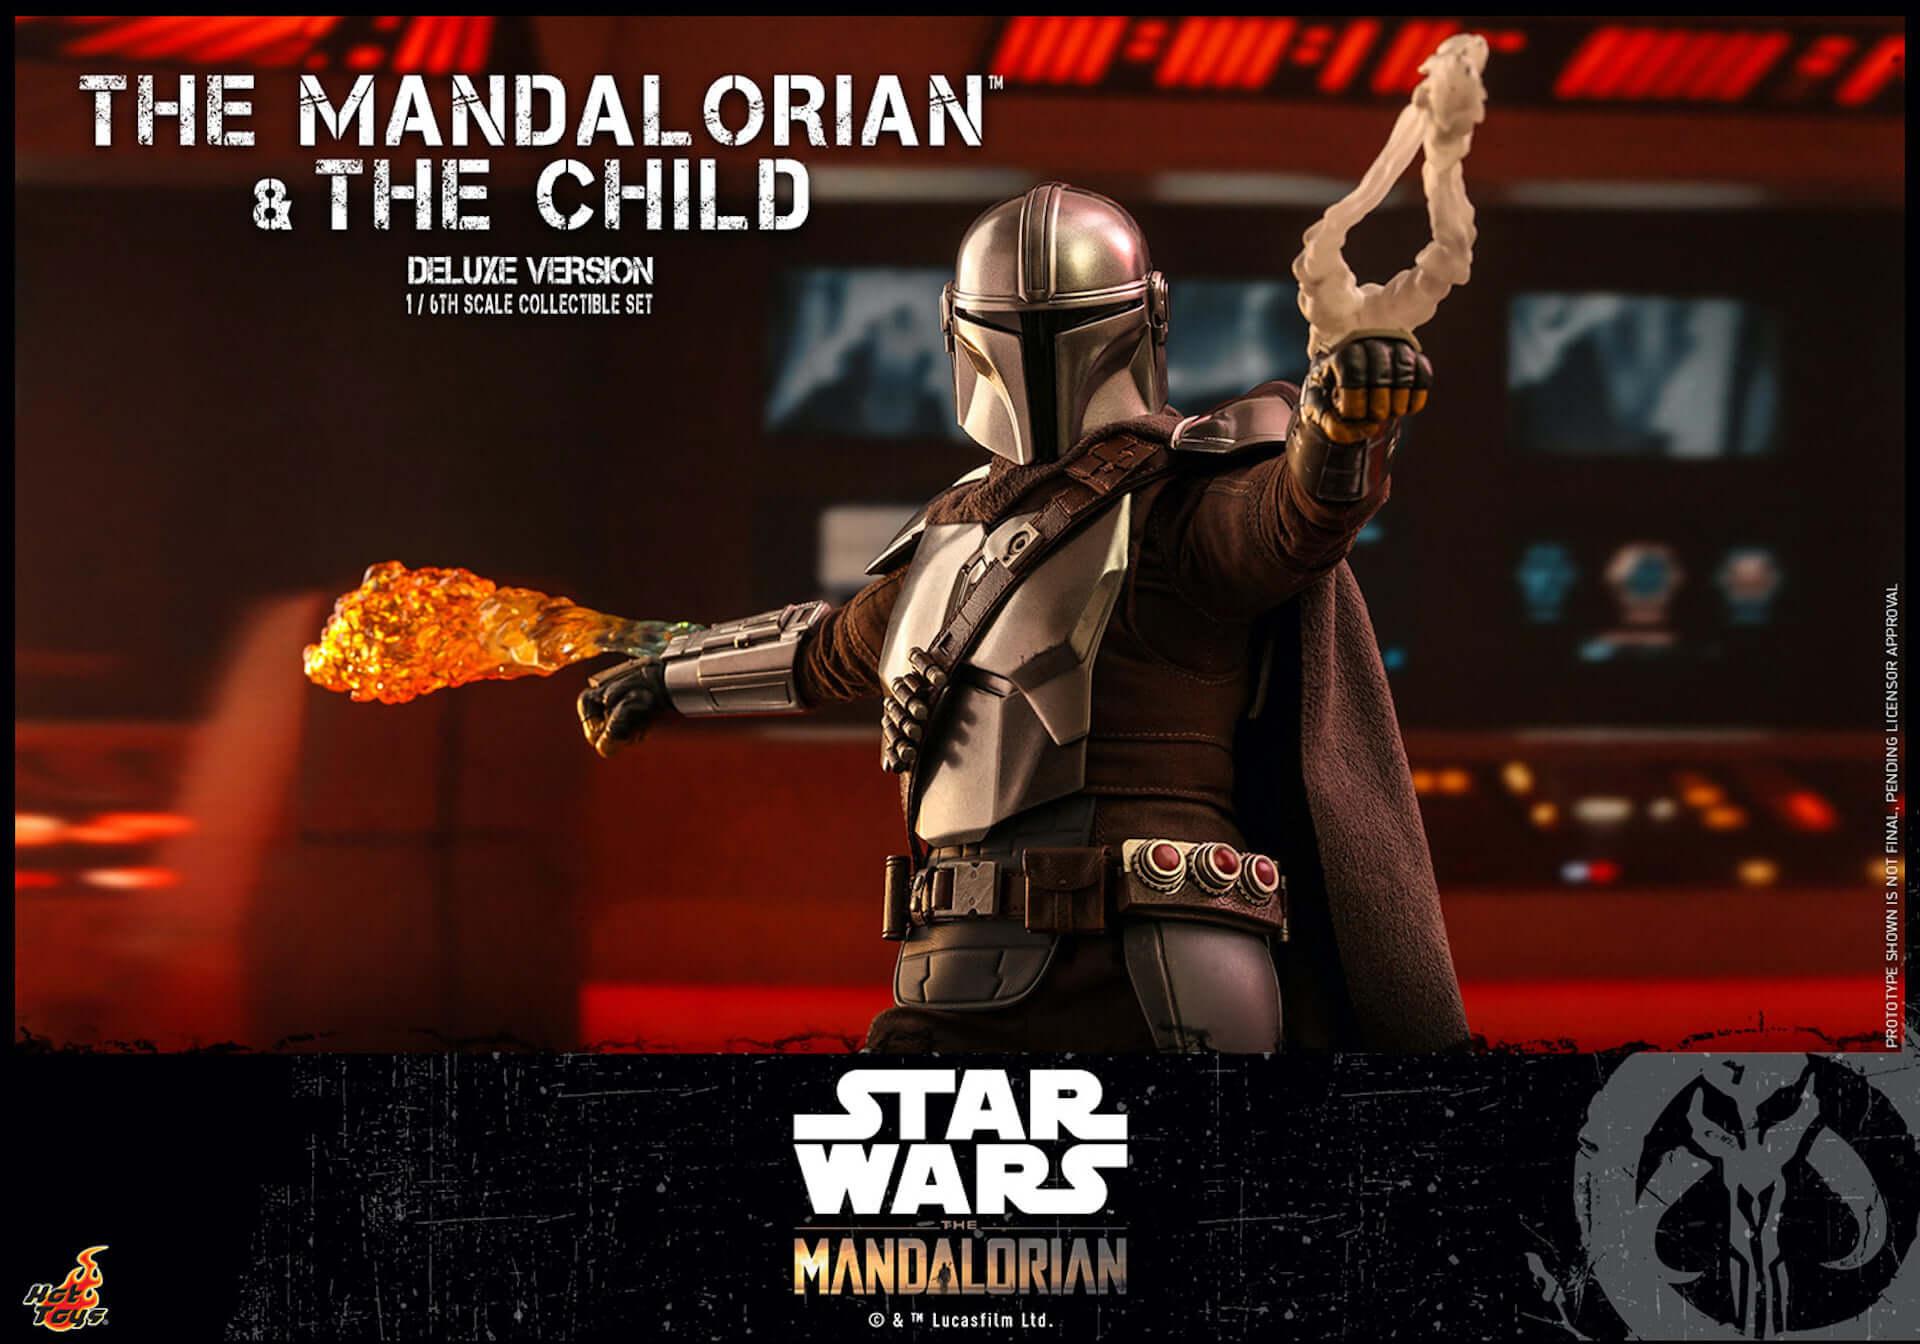 ついにマンダロリアンとザ・チャイルドがセットで登場!ホットトイズ「テレビ・マスターピース」シリーズに『マンダロリアン』新作が発表 art200331_hottoys_mandalorian_3-1920x1344